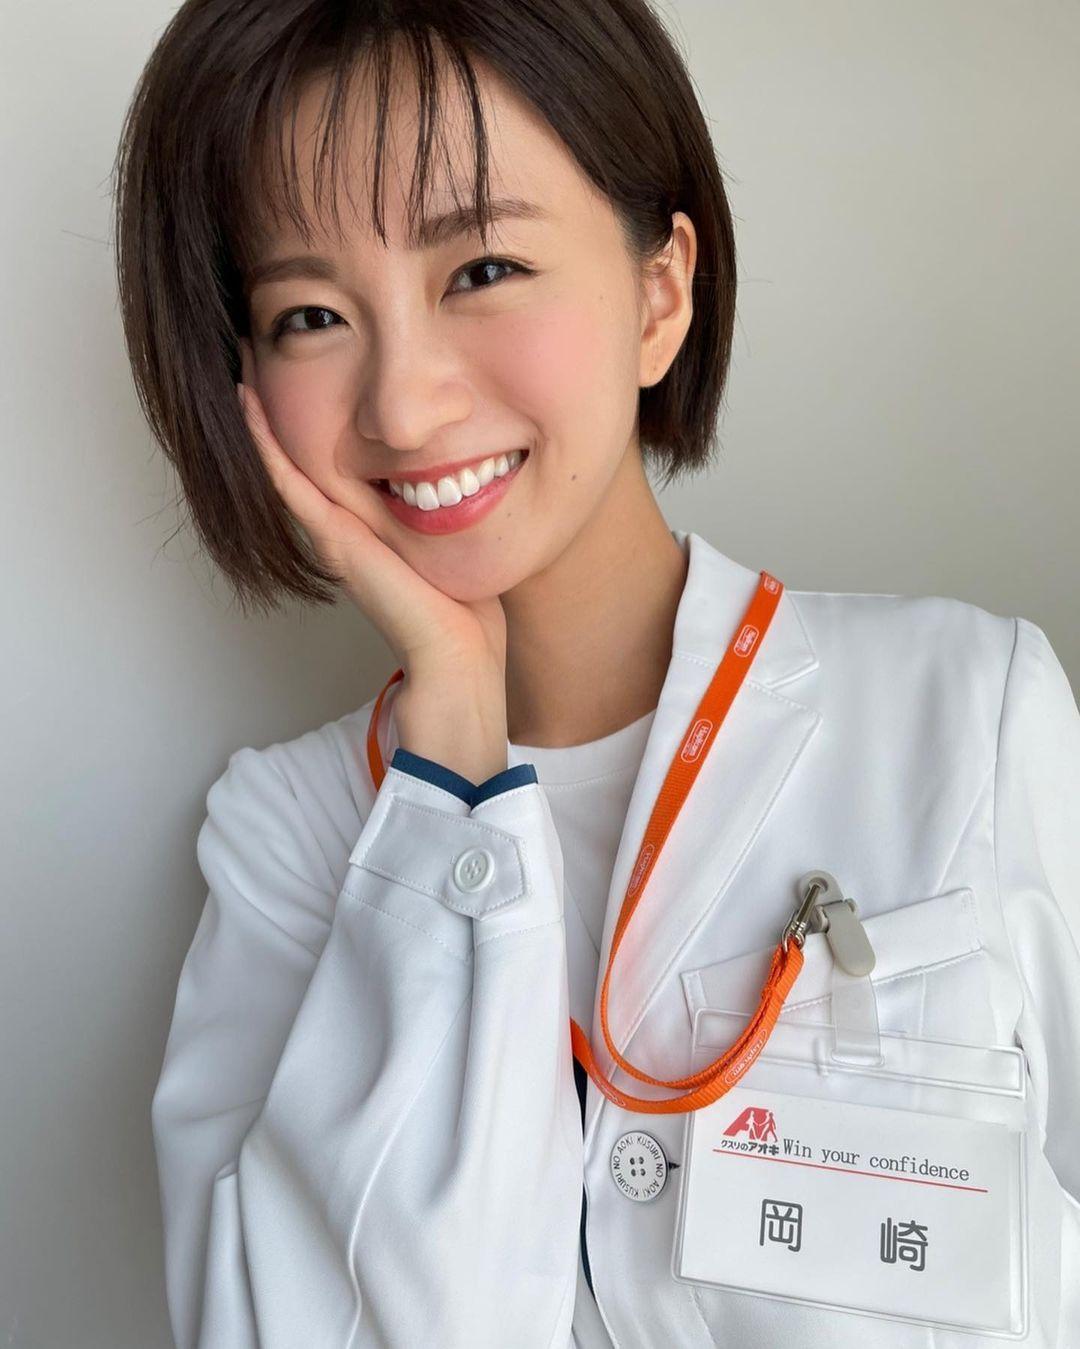 日系时尚杂志模特冈崎纱绘清甜笑容亲和力十足完全就是女友理想型 网络美女 第22张